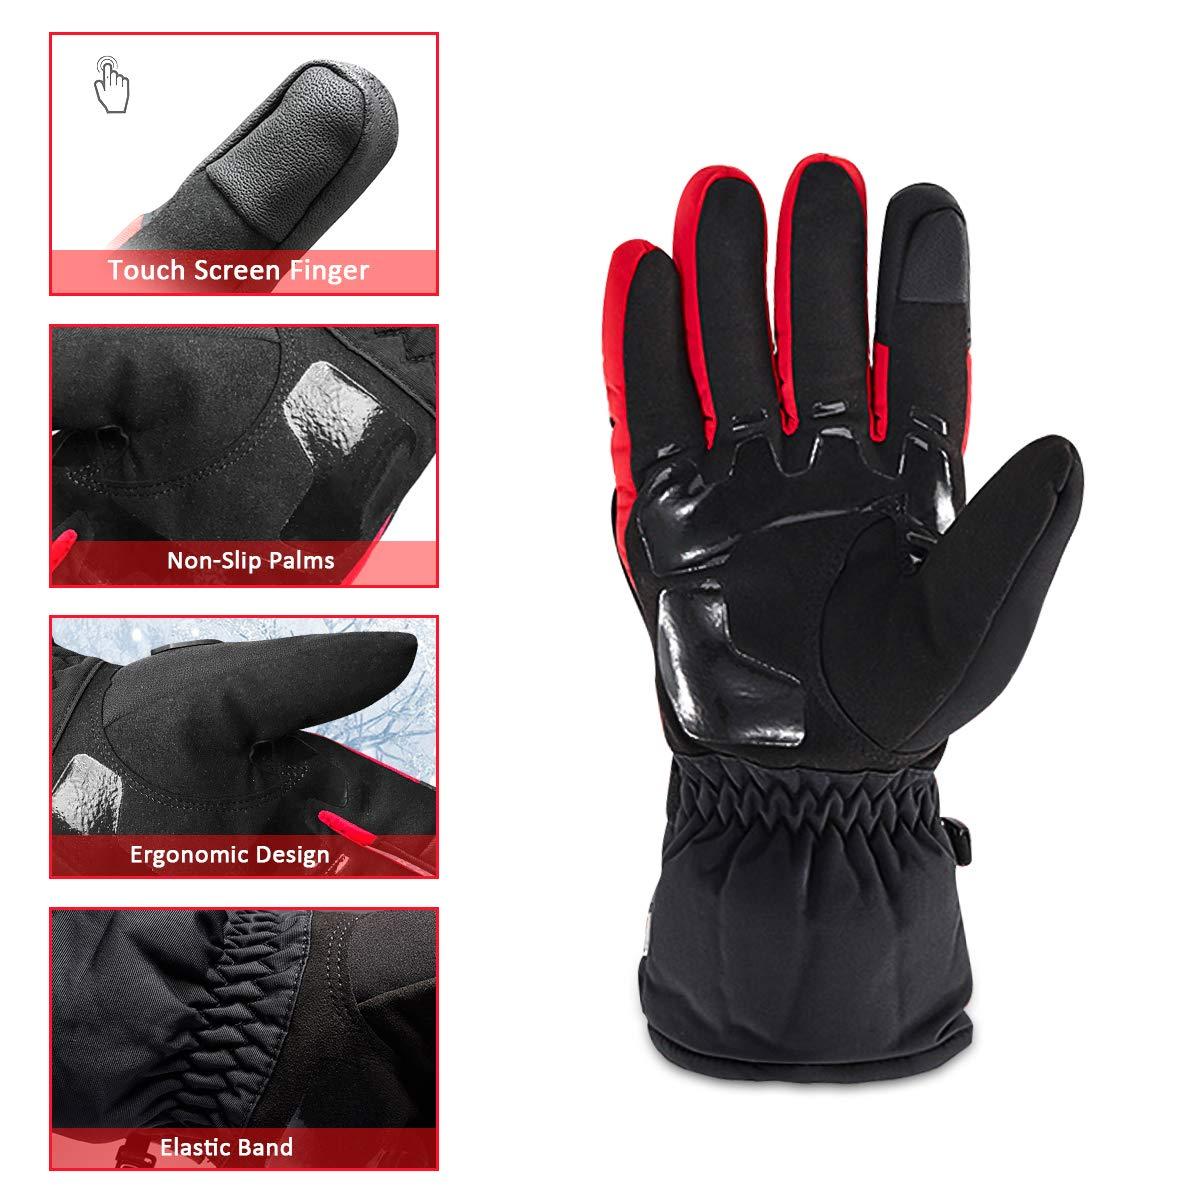 L TRILINK Guantes para Moto de Invierno para Hombre y Mujer Impermeables para Escalada Resistentes al Fr/ío Senderismo y otros Deportes Invernales al Aire Libre T/áctiles